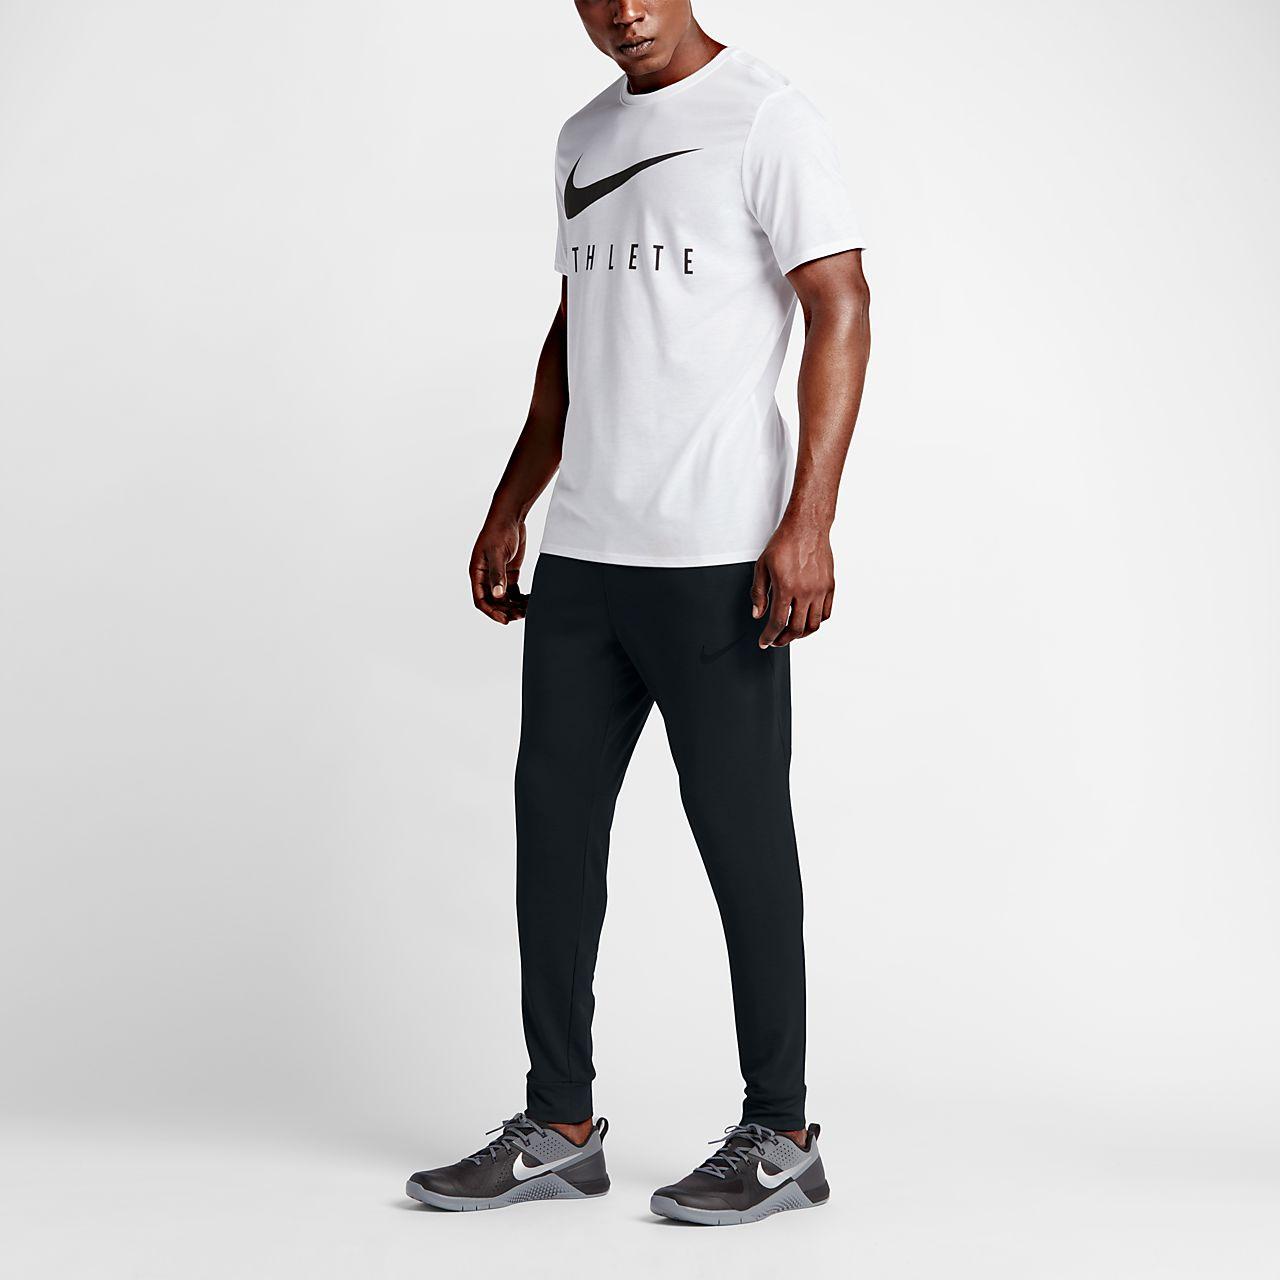 a36fca00ff8b6 Pantalones de entrenamiento de vellón para hombre Nike Dri-FIT. Nike ...